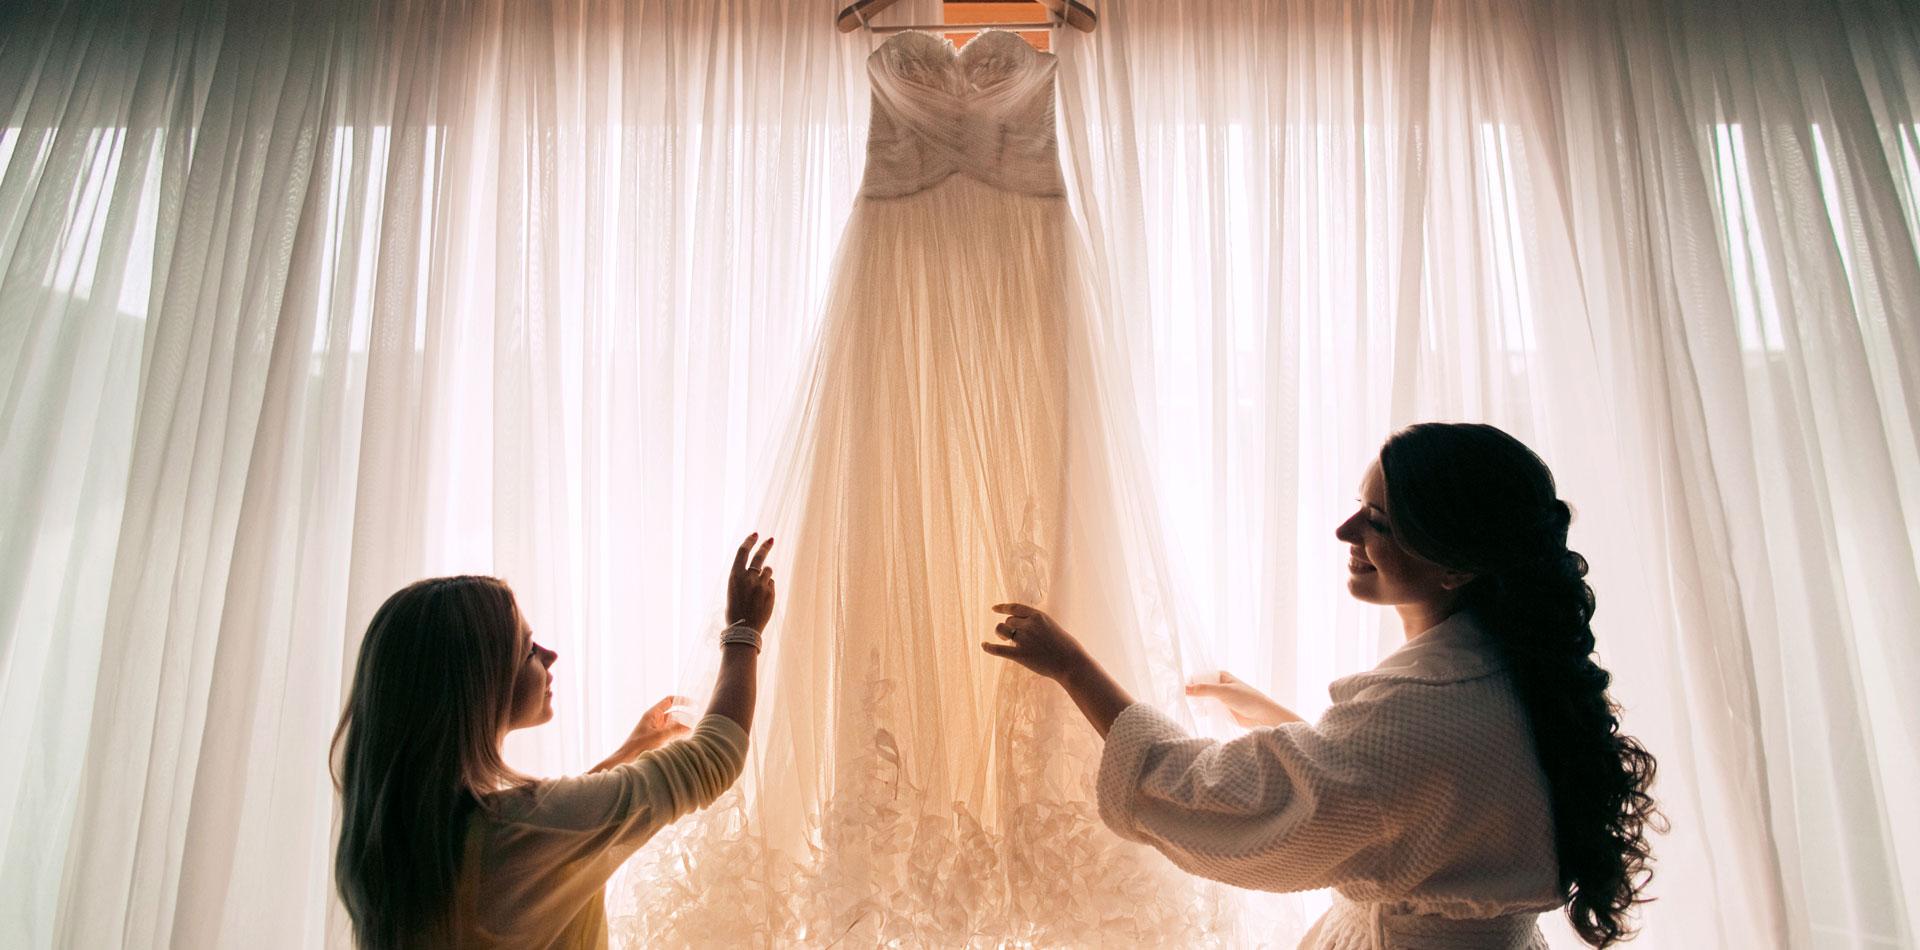 Лилия Горланова: 10 советов невестам от свадебного фотографа и организатора фото 2